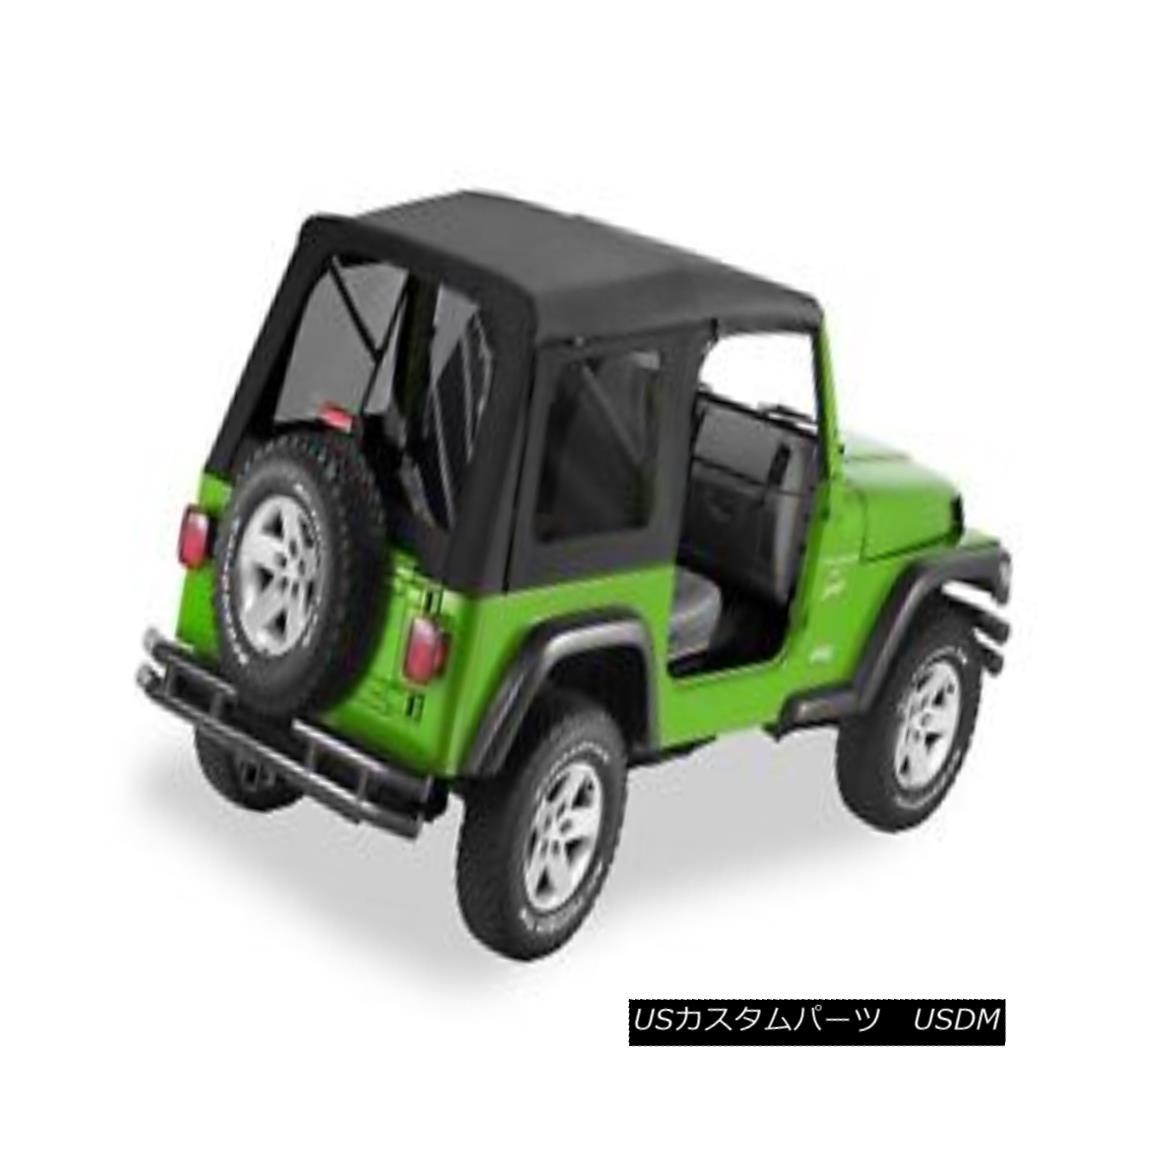 幌・ソフトトップ Bestop 54709-15 Jeep Supertop Classic Replacement Soft Top Black Denim Bestop 54709-15 Jeep Supertop Classic交換用ソフトトップブラックデニム